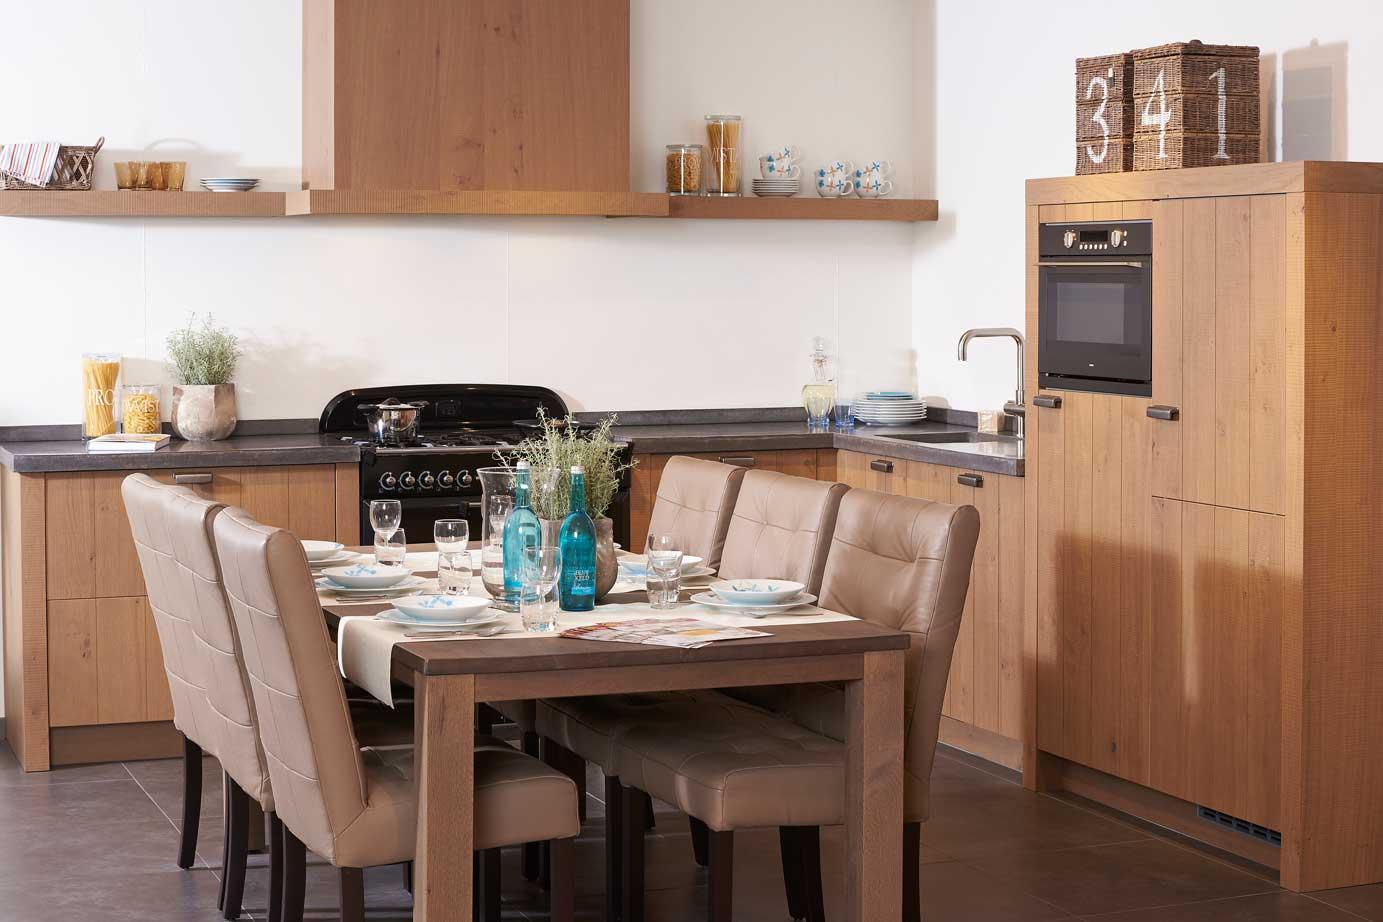 Fotos Witte Keukens : Houten keuken Voor elk budget en stijl Ook met wit DB